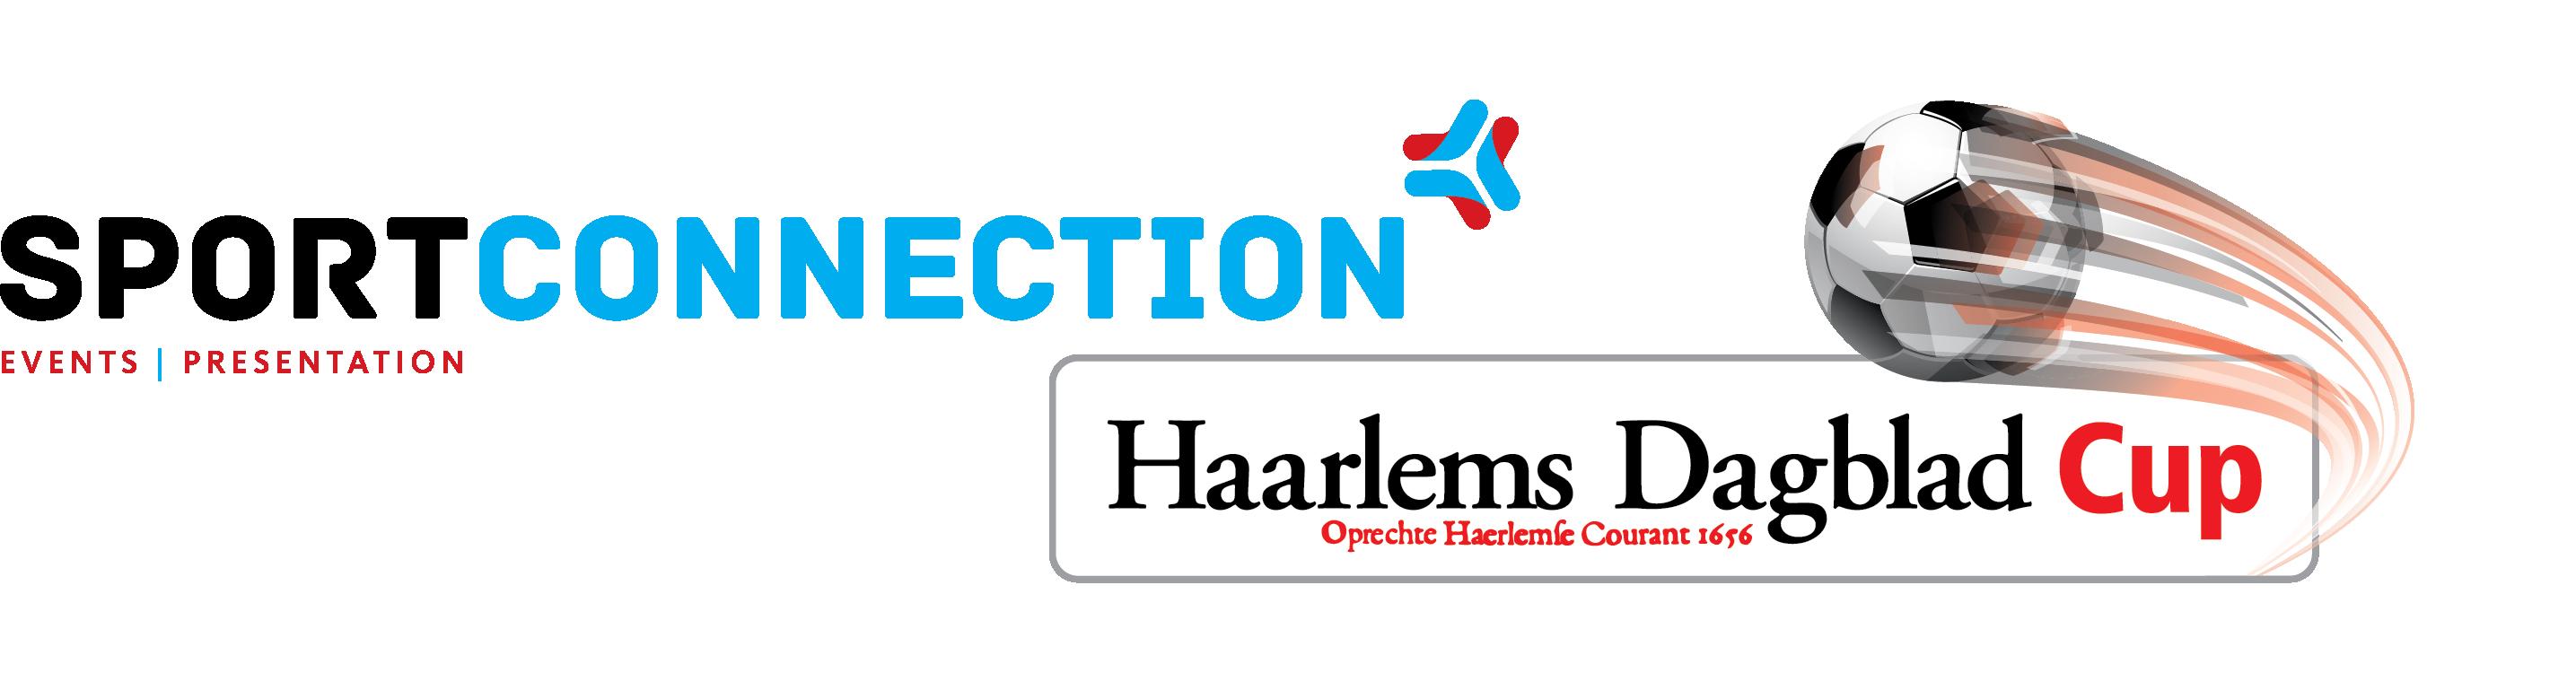 Haarlem-Dagblad-Cup-Voetbal-in-Haarlem